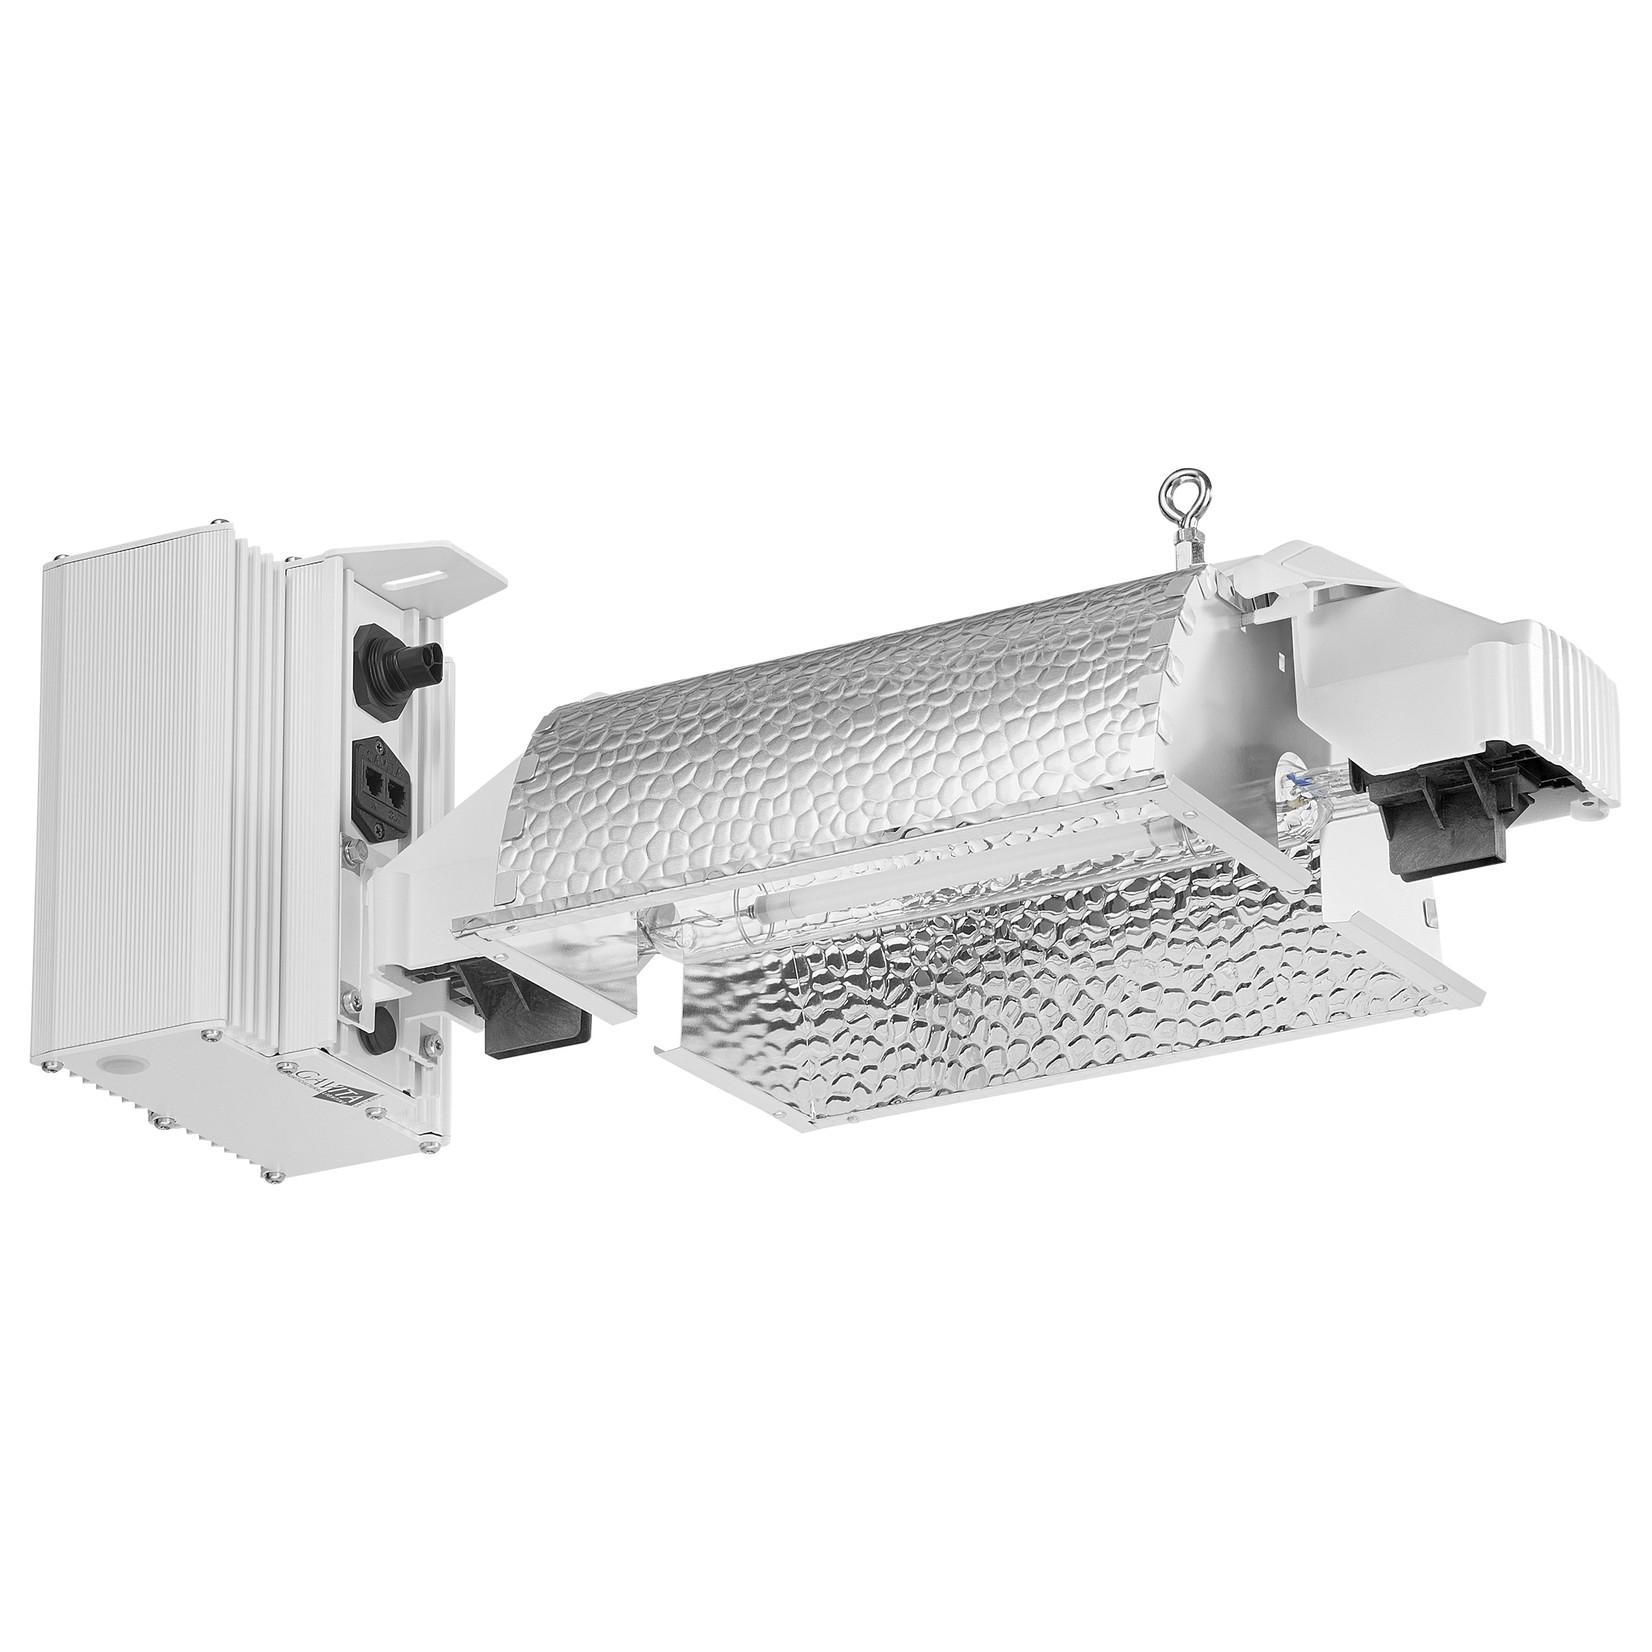 GAVITA Gavita Pro E-Series 1000e DE 277 - 347 Volt w/ HR96 Reflector